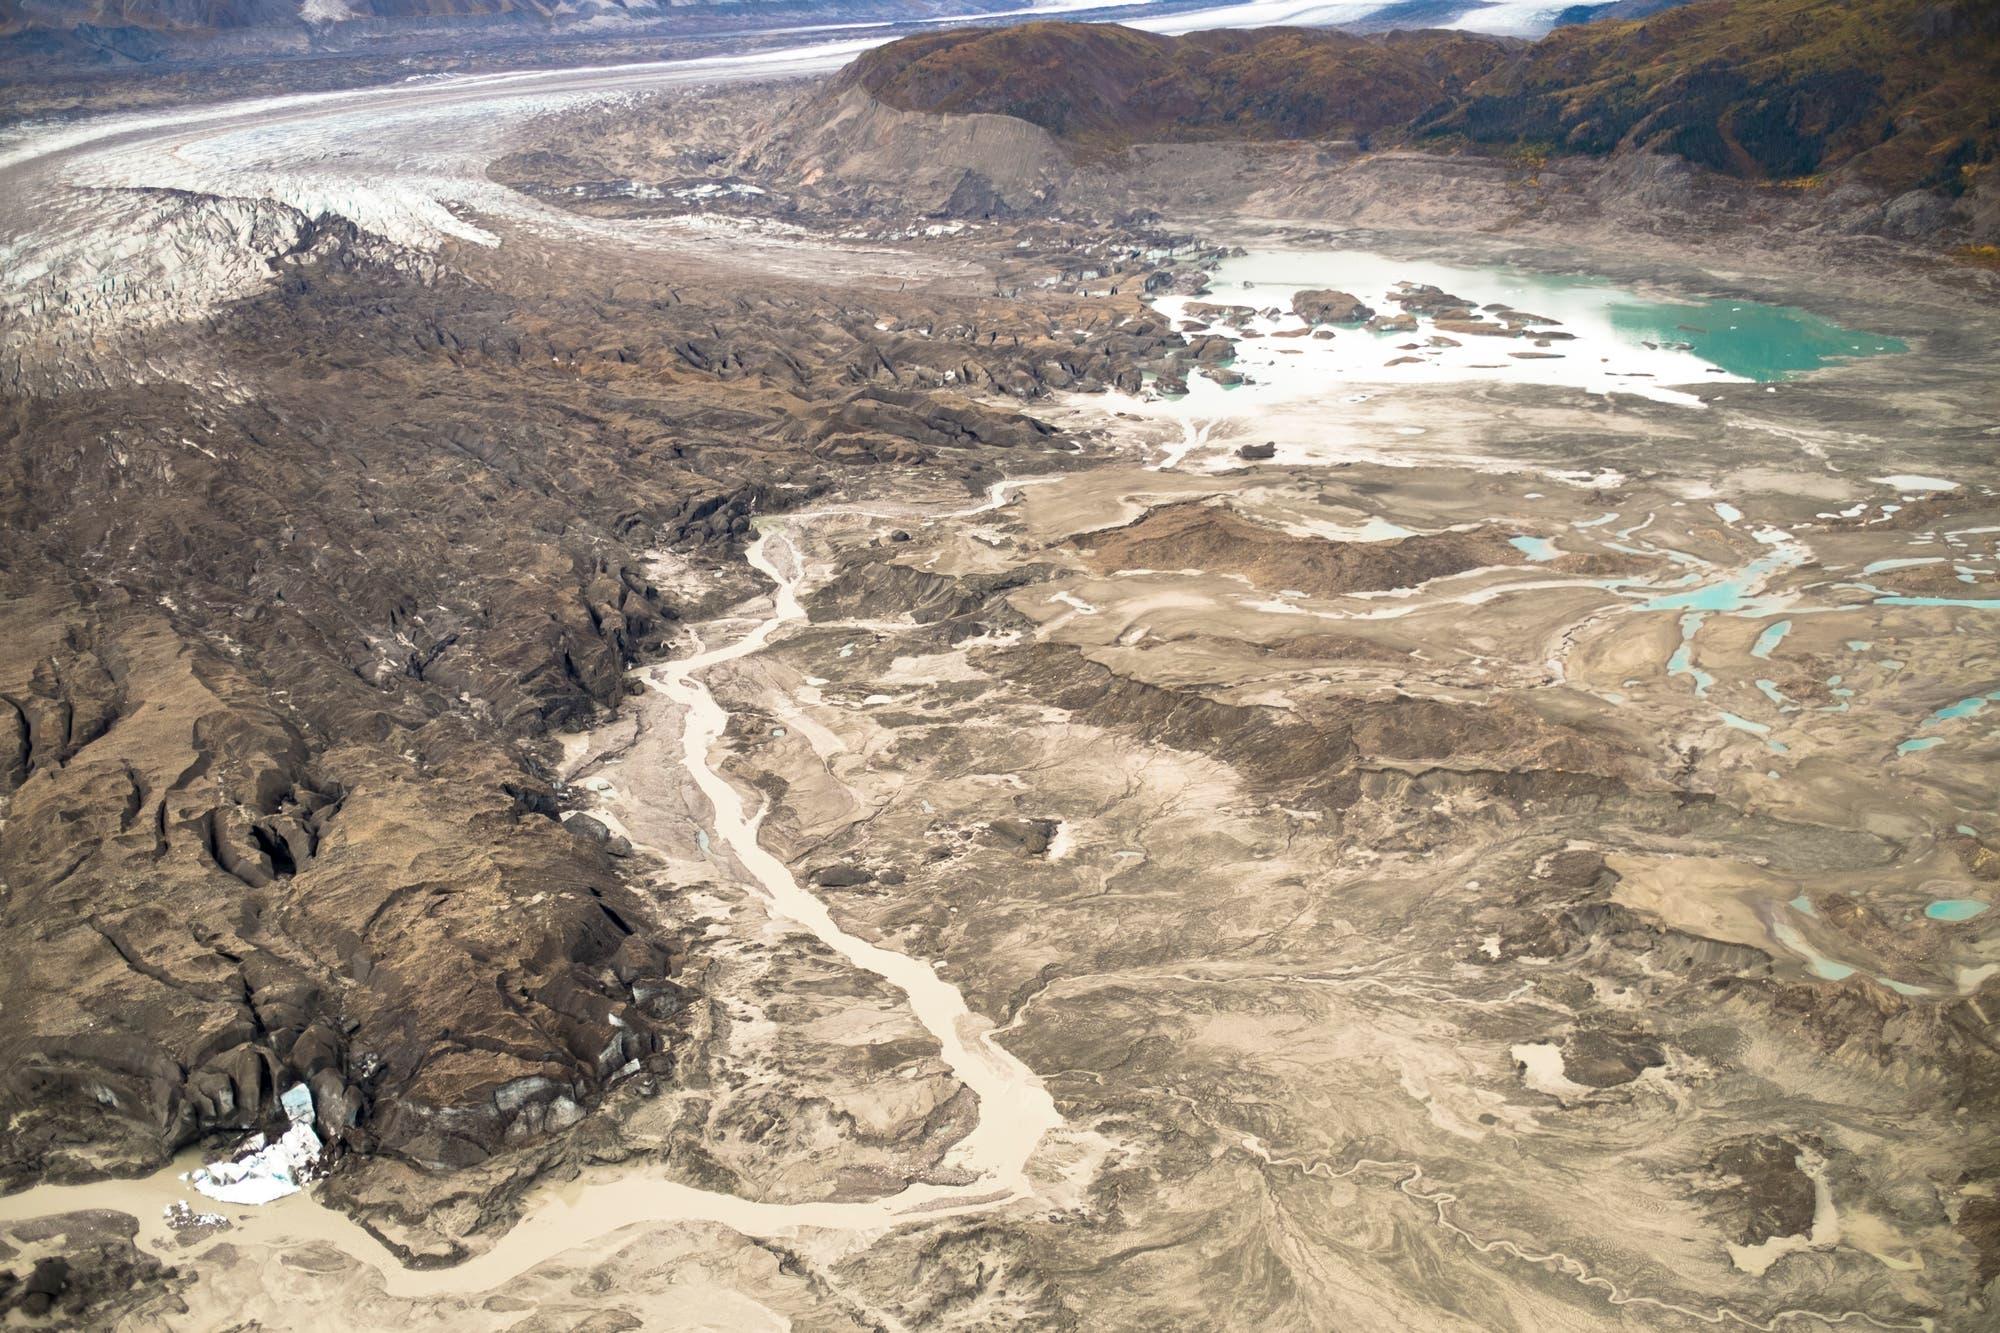 Ein schmaler Kanal kreuzt Ödland vor der Gletscherzunge, das der Gletscher erst kürzlich freigegeben hat.